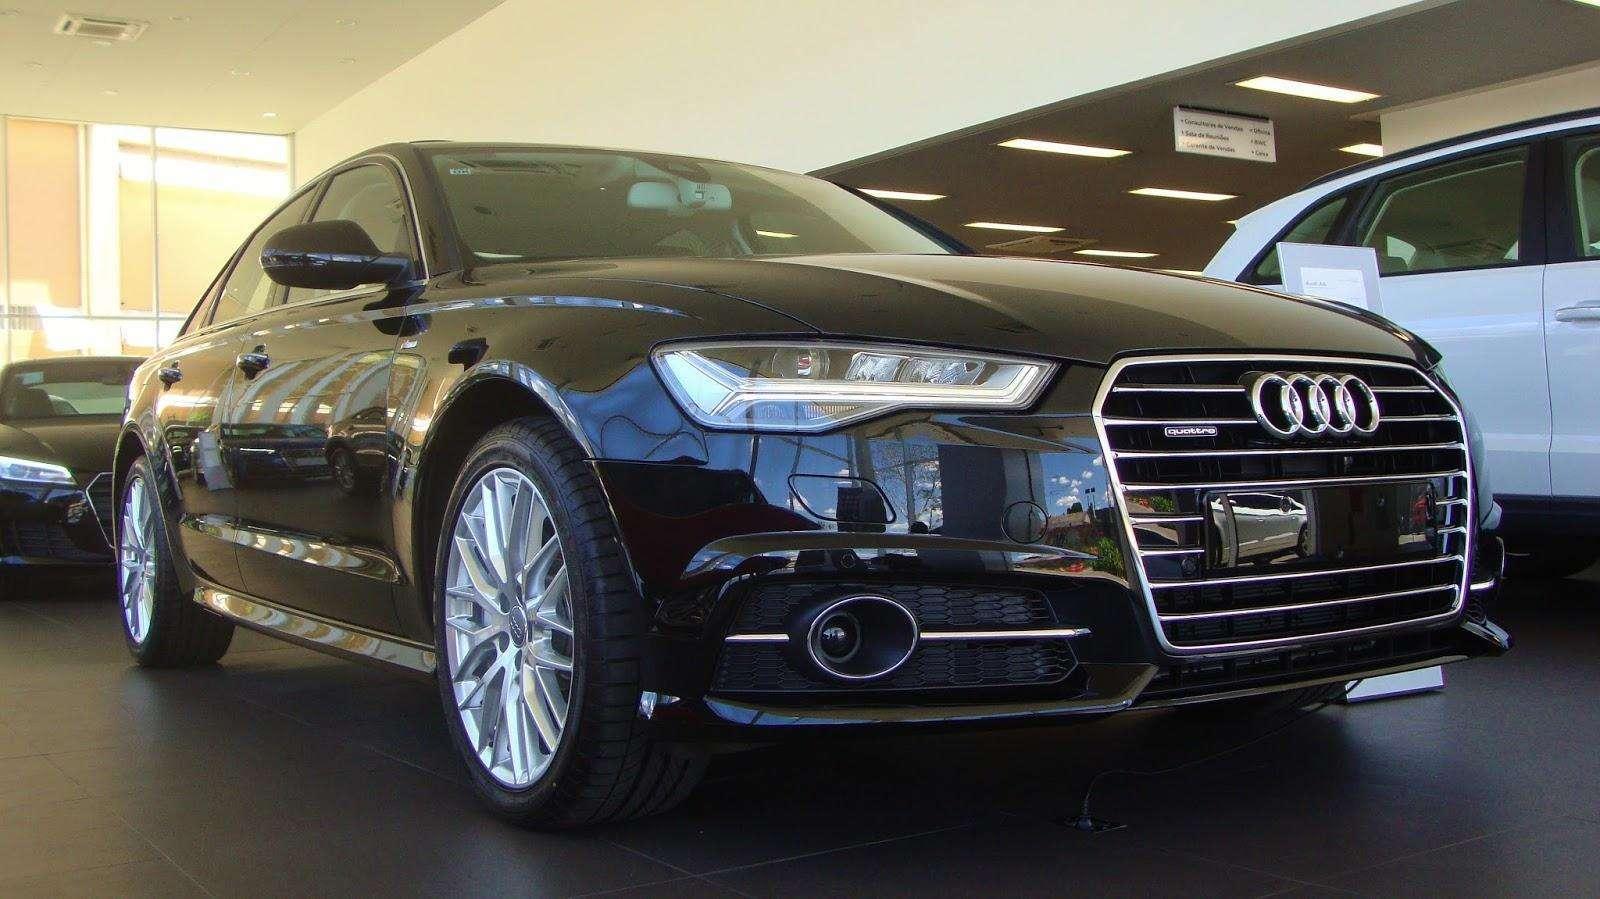 Audi A6 3.0 V6 quattro: tecnologia, segurança e uma incrível experiência de dirigir